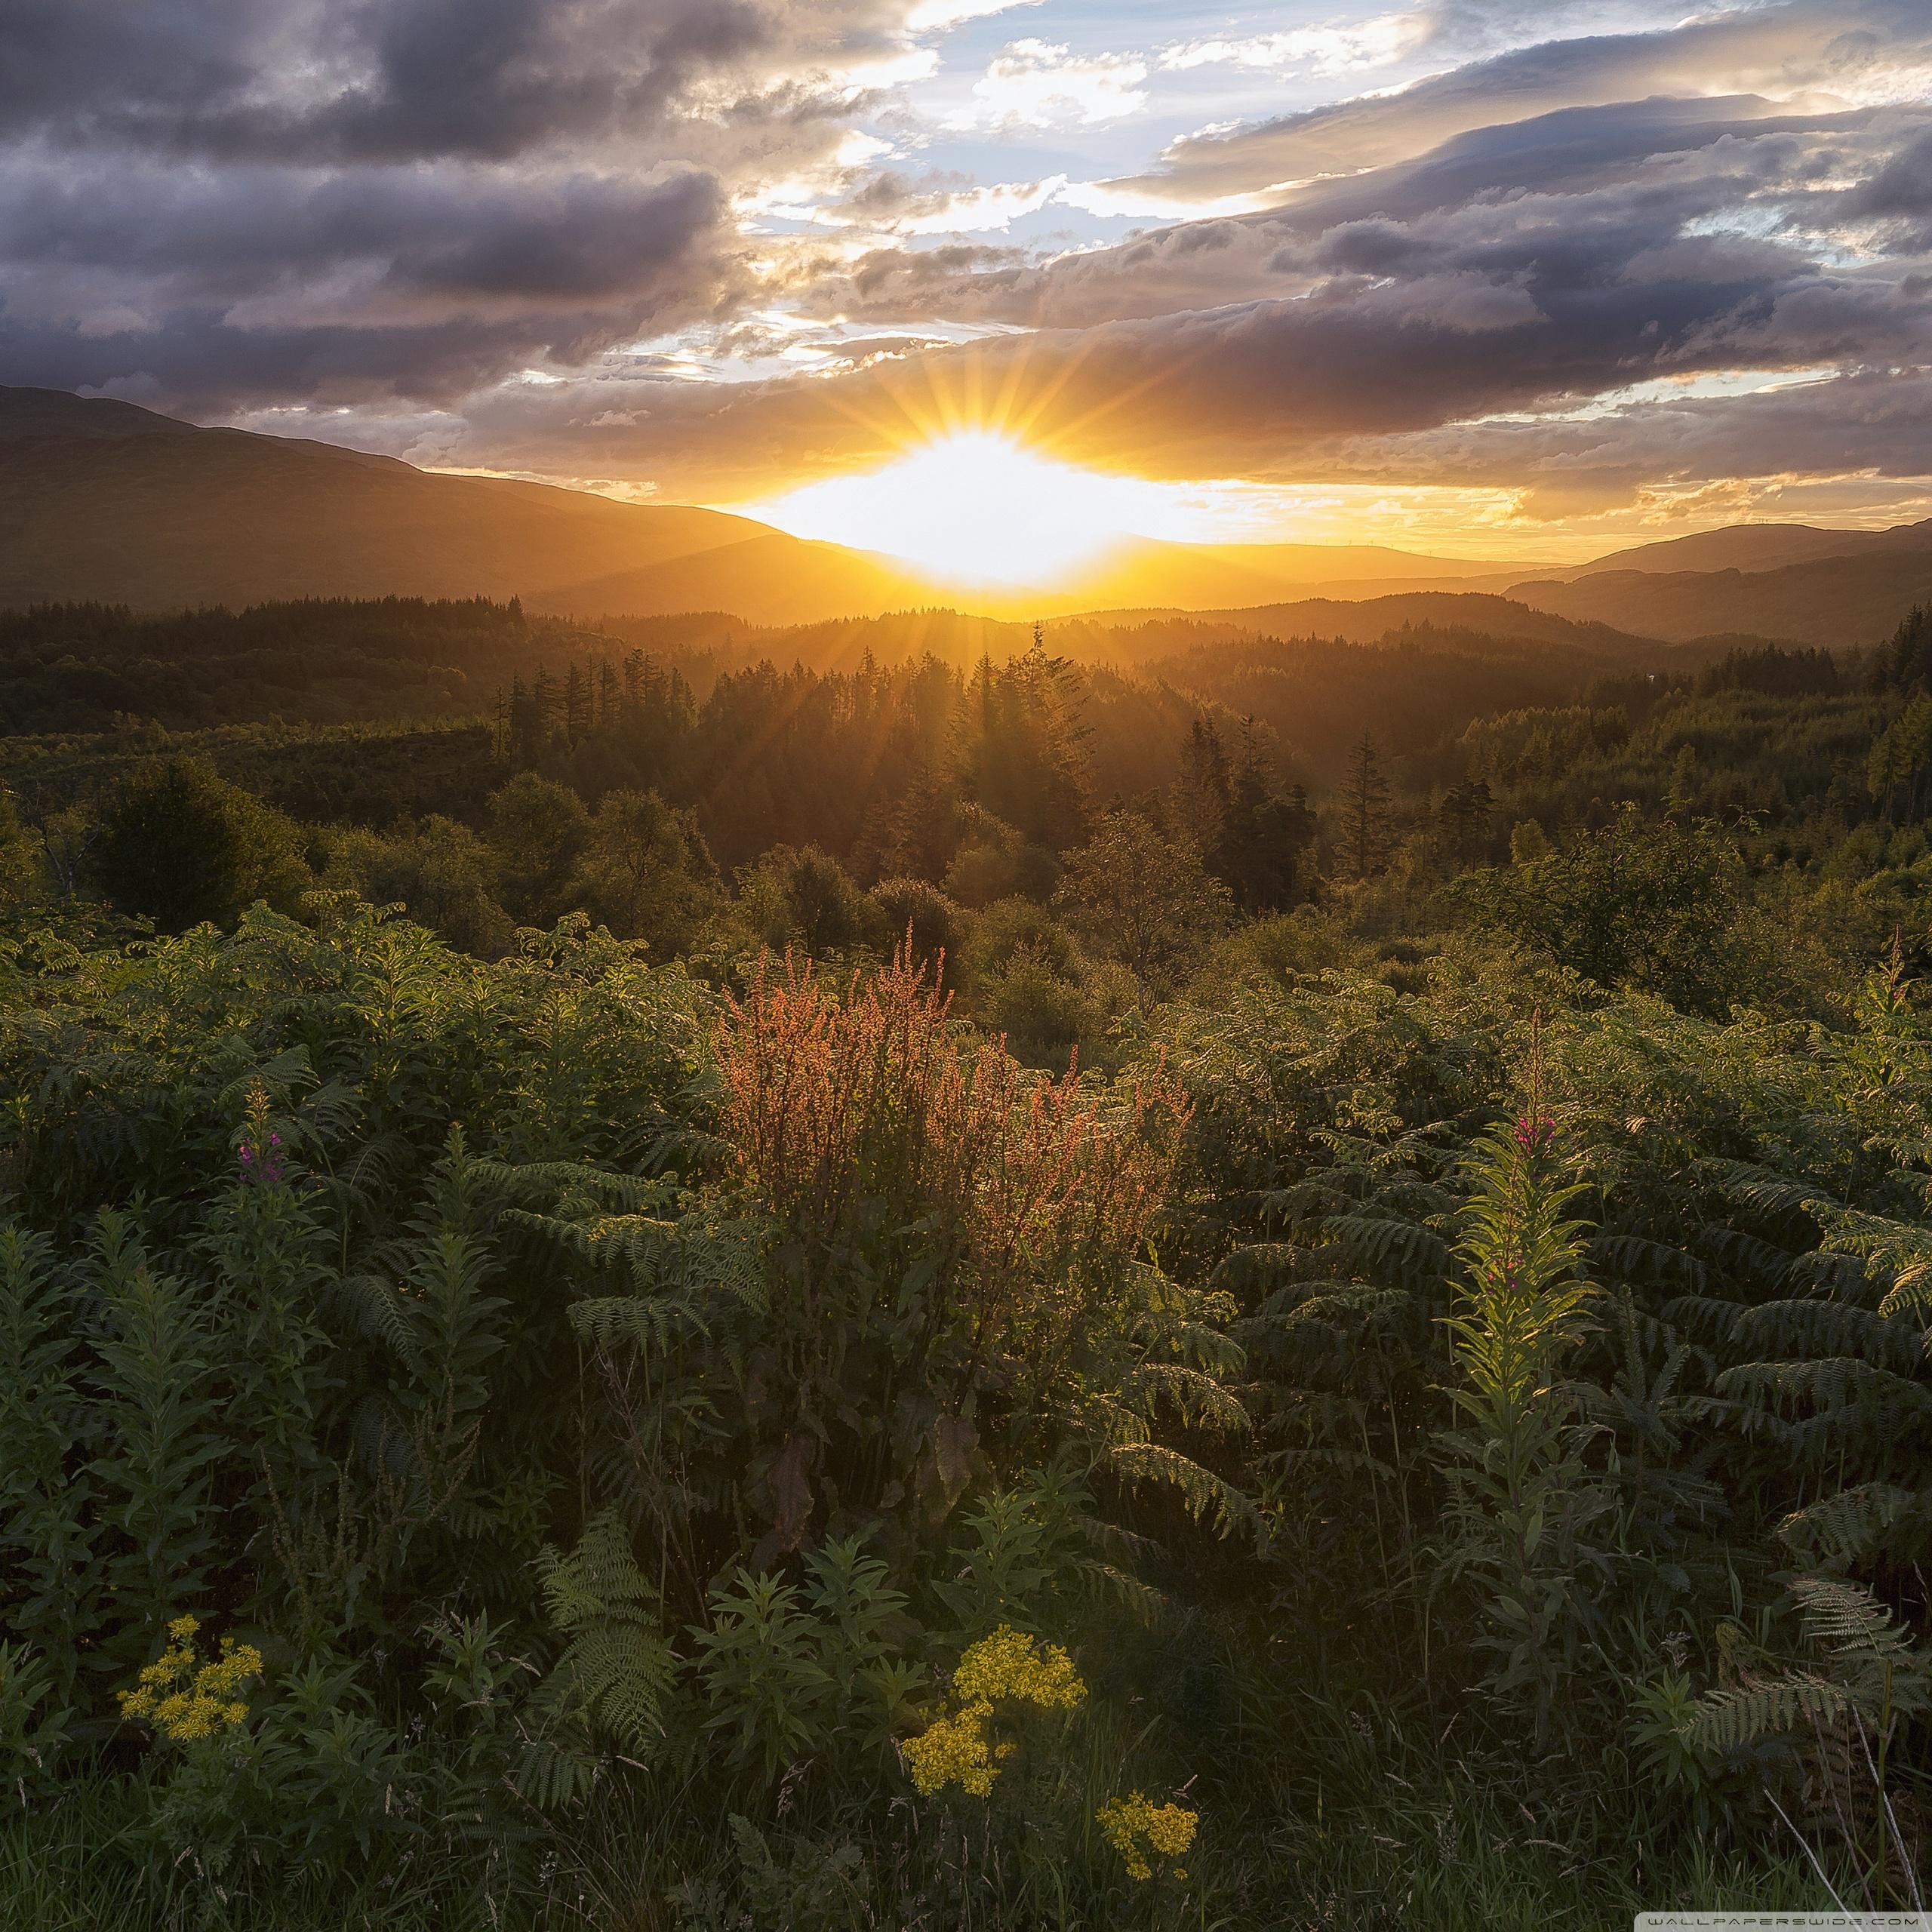 صور أجمل خلفيات مناظر طبيعية جوال اندرويد ايفون صور خلفيات عالية